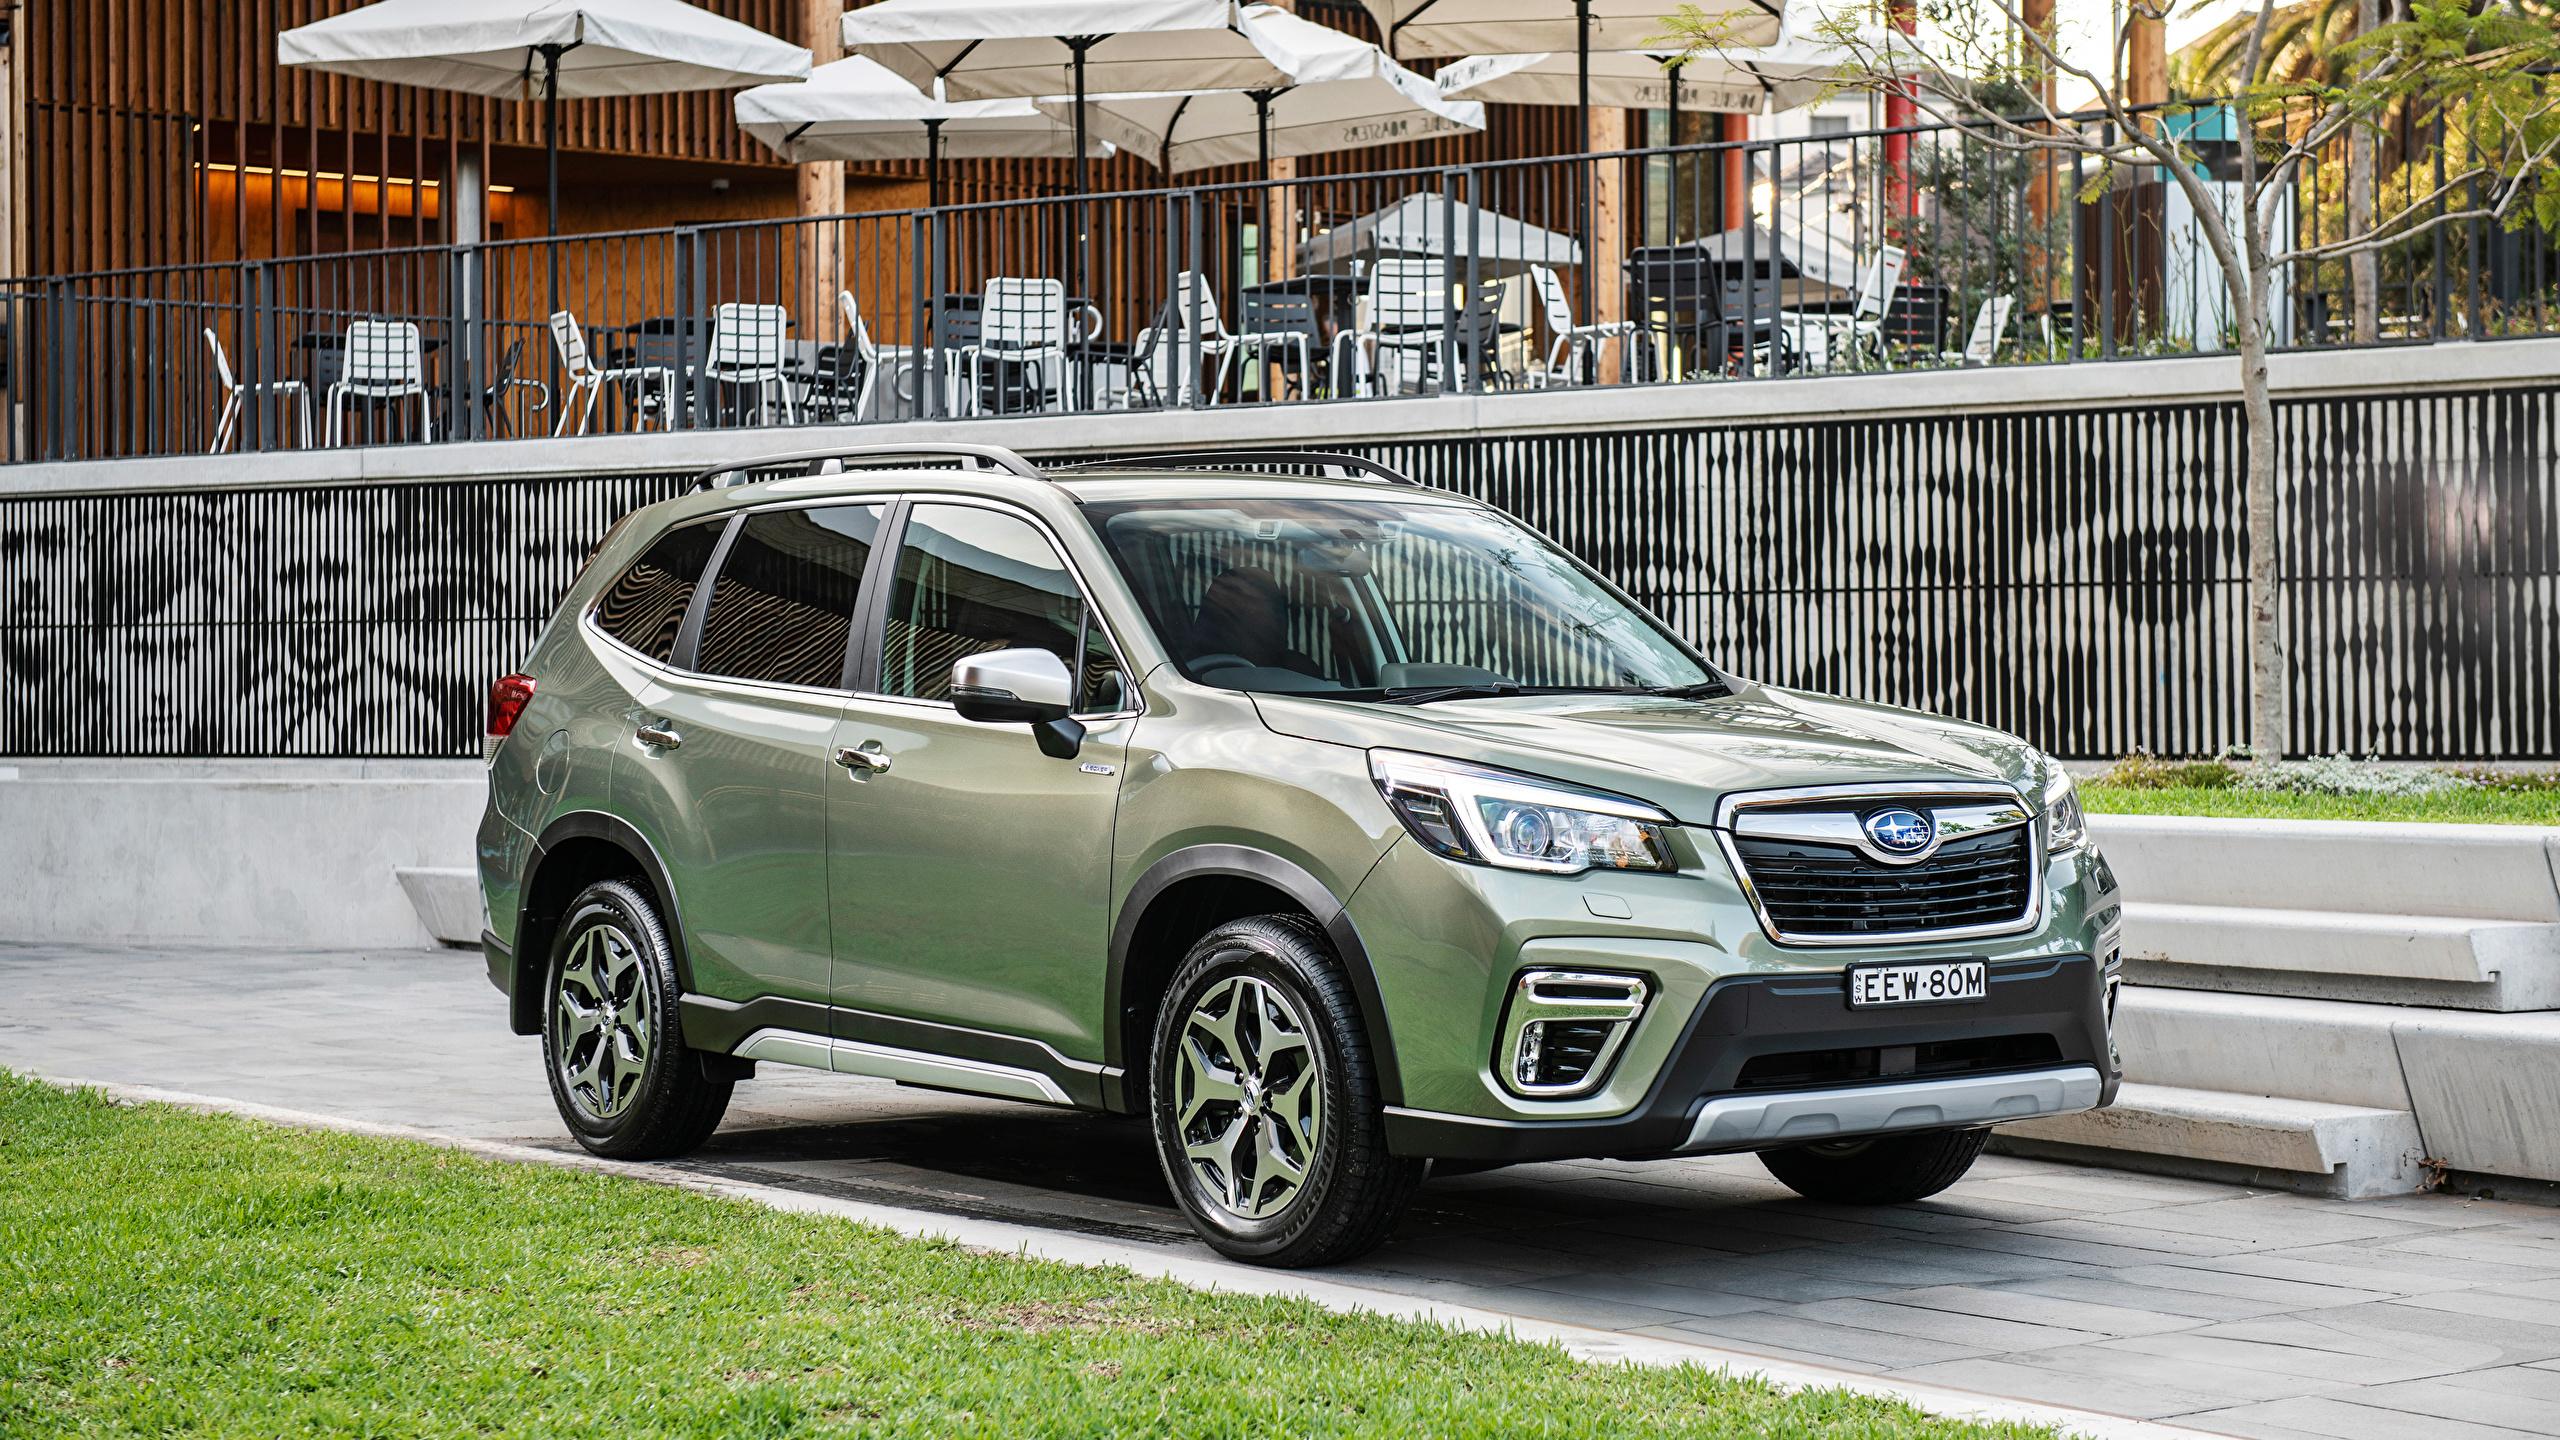 壁紙 2560x1440 スバル Forester Hybrid L クロスオーバー 緑 自動車 ダウンロード 写真